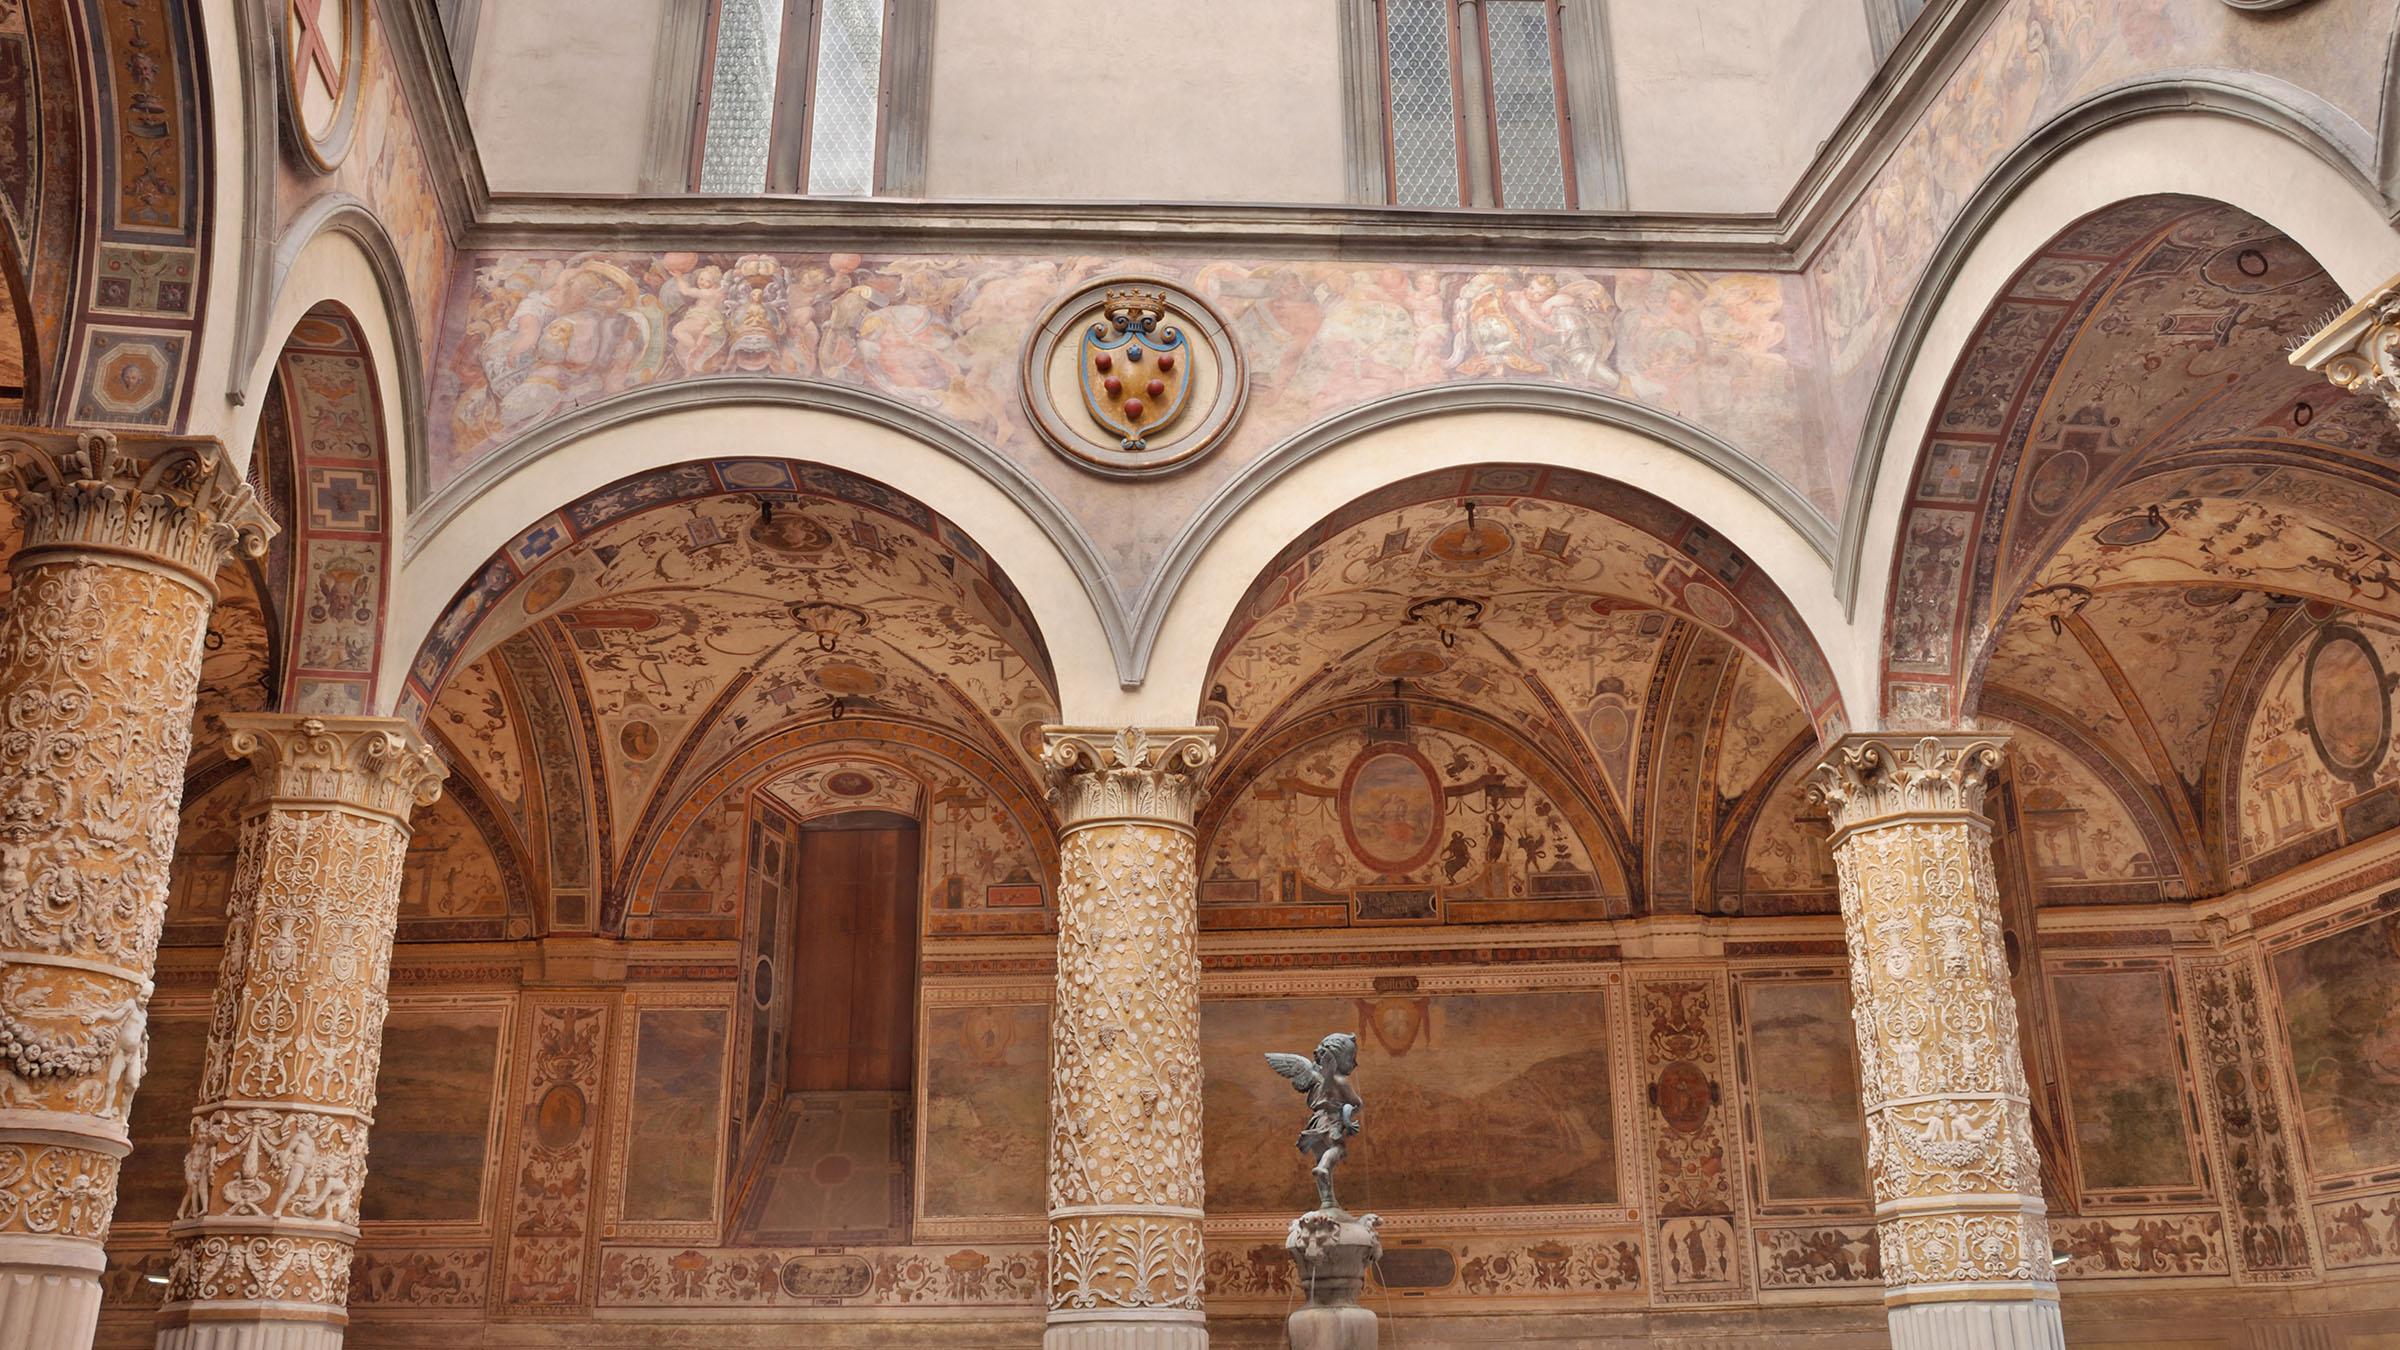 Cortile del Palacio Vecchio